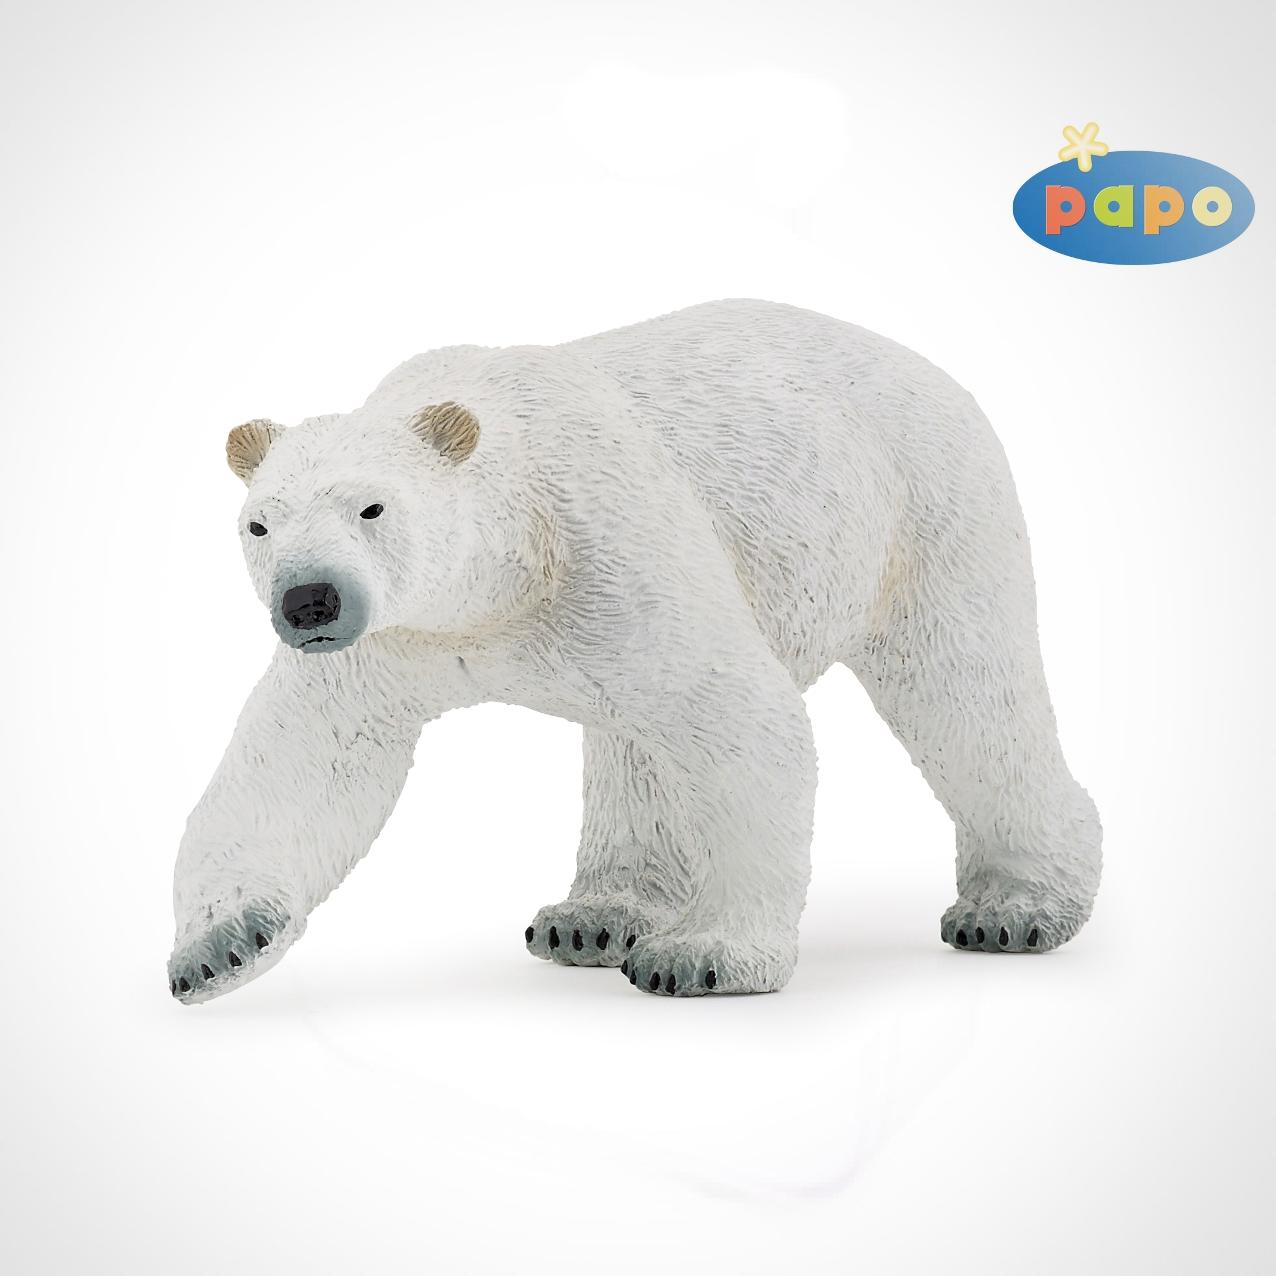 Фигурка - Полярный медведьДикая природа (Wildlife)<br>Фигурка - Полярный медведь<br>